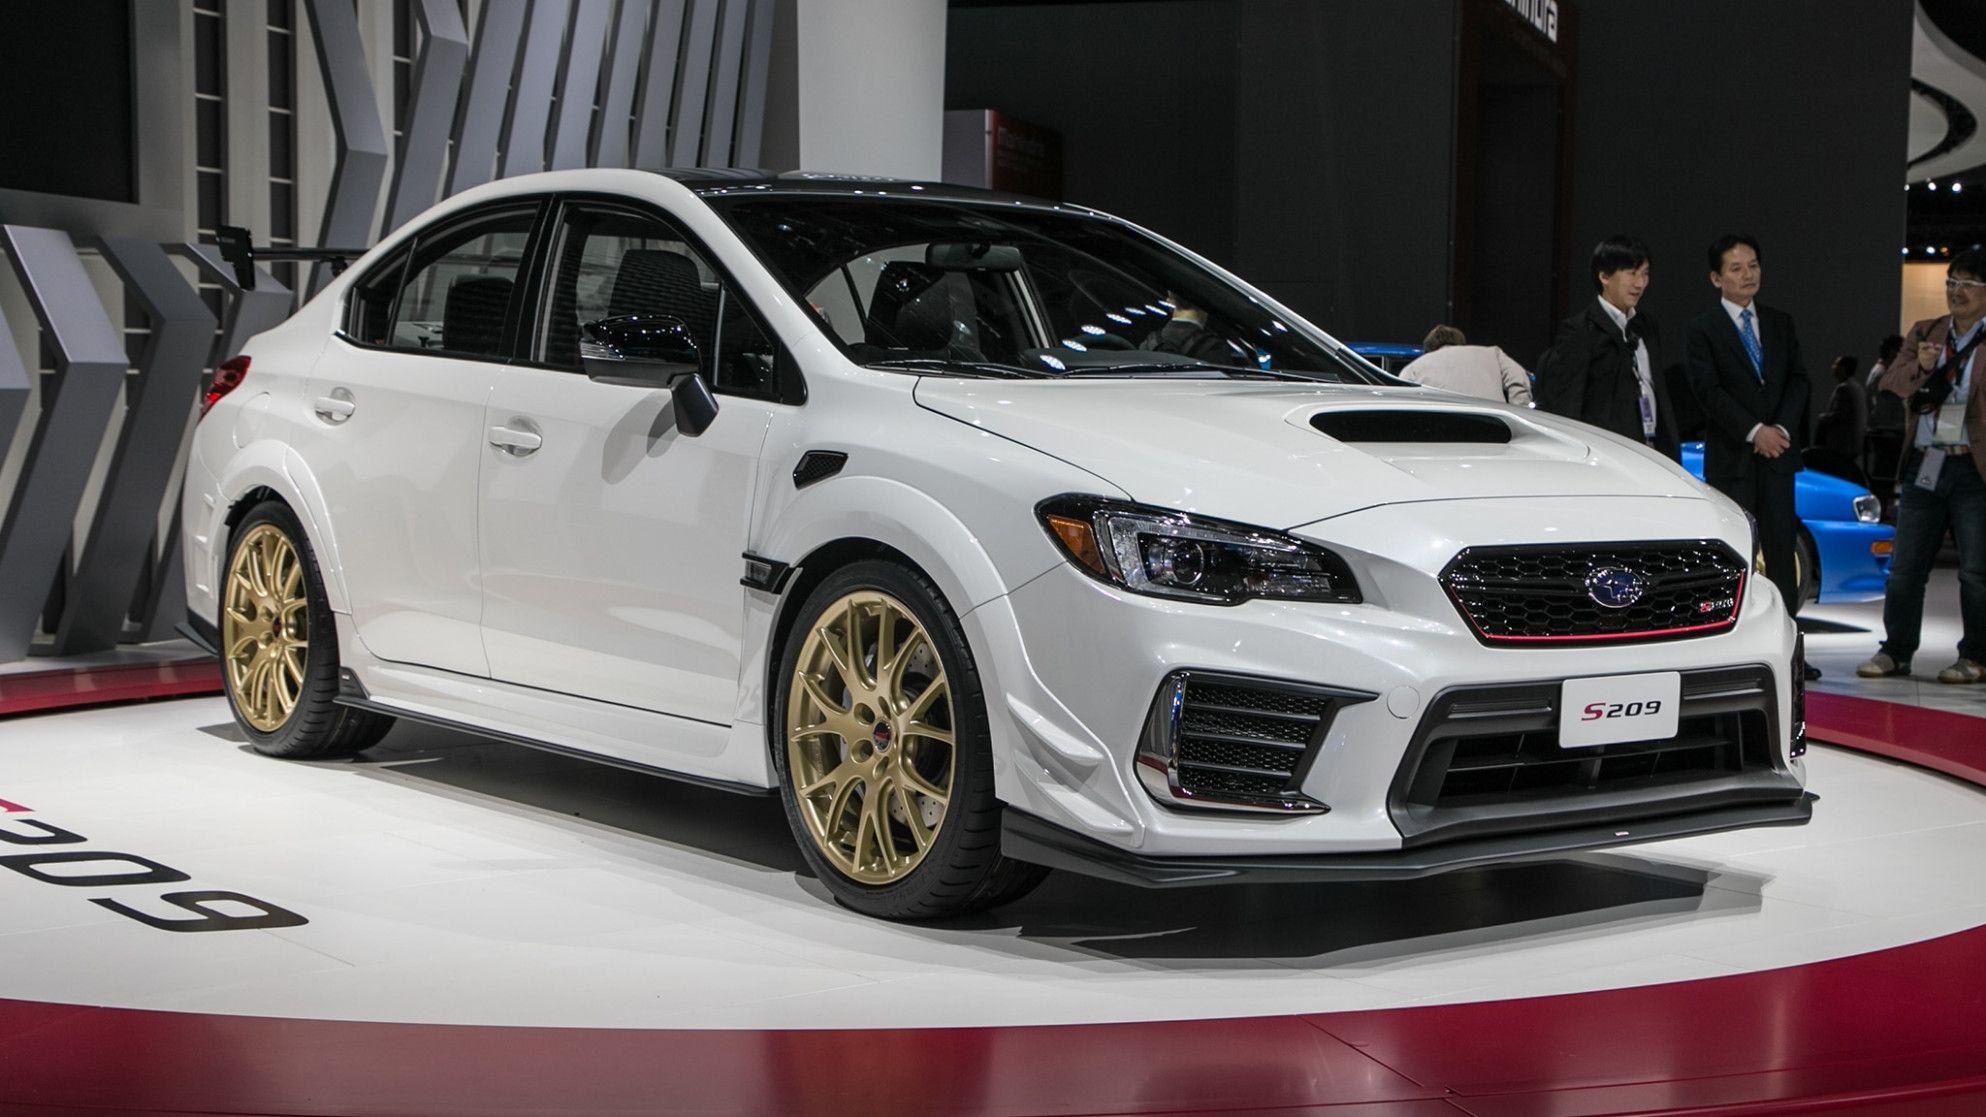 2020 Subaru Wrx Quarter Mile Price Design And Review In 2020 Subaru Wrx Subaru Subaru Wrx Sti